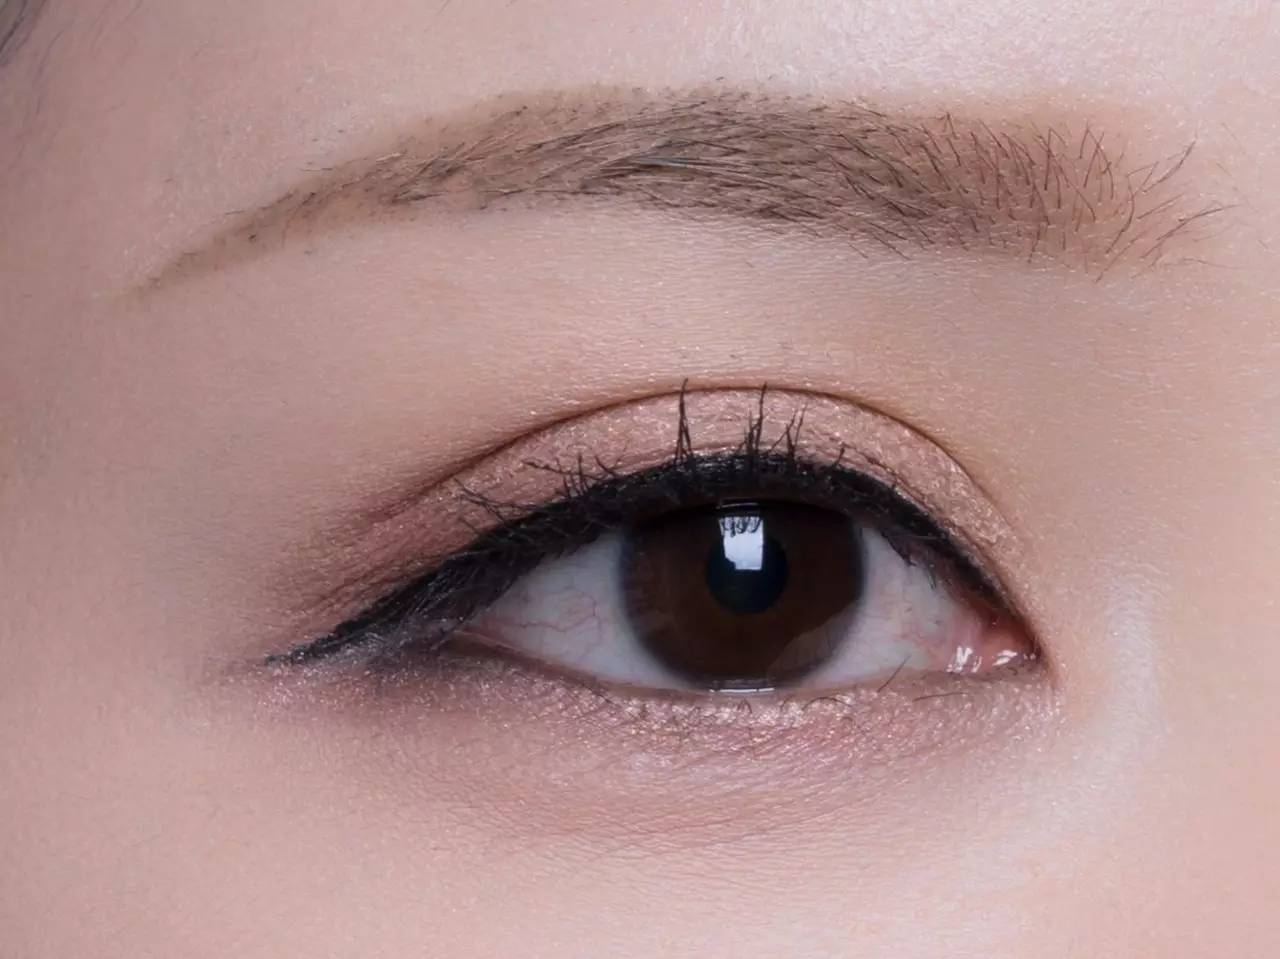 大地色系眼影_双眼皮比较窄而且眼睛突怎样化眼妆? - 知乎